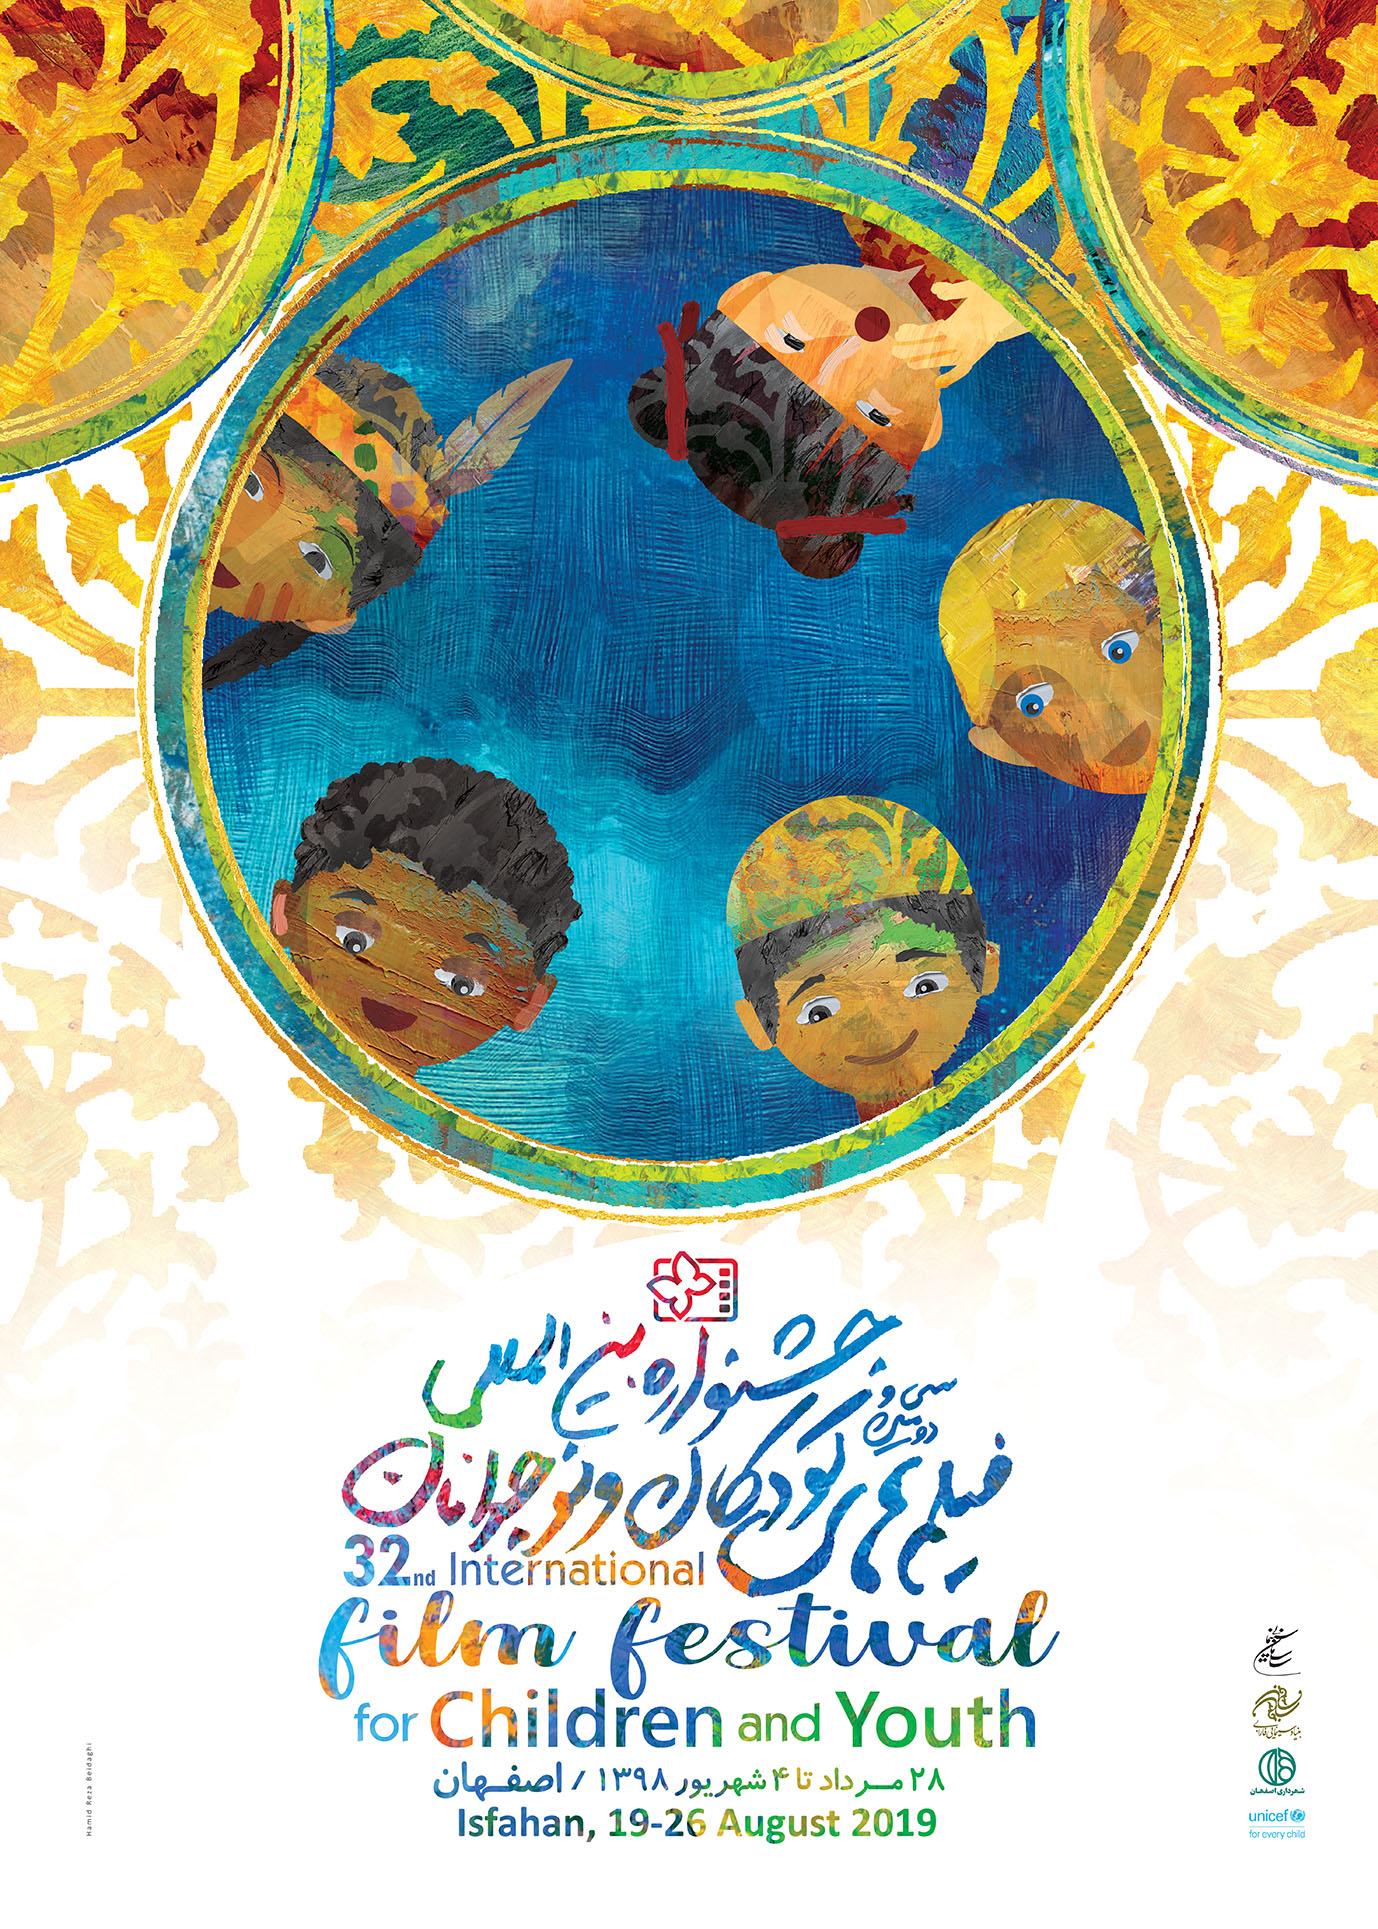 گزارش عملکرد سیودومین جشنواره بینالمللی فیلمهای کودکان و نوجوانان